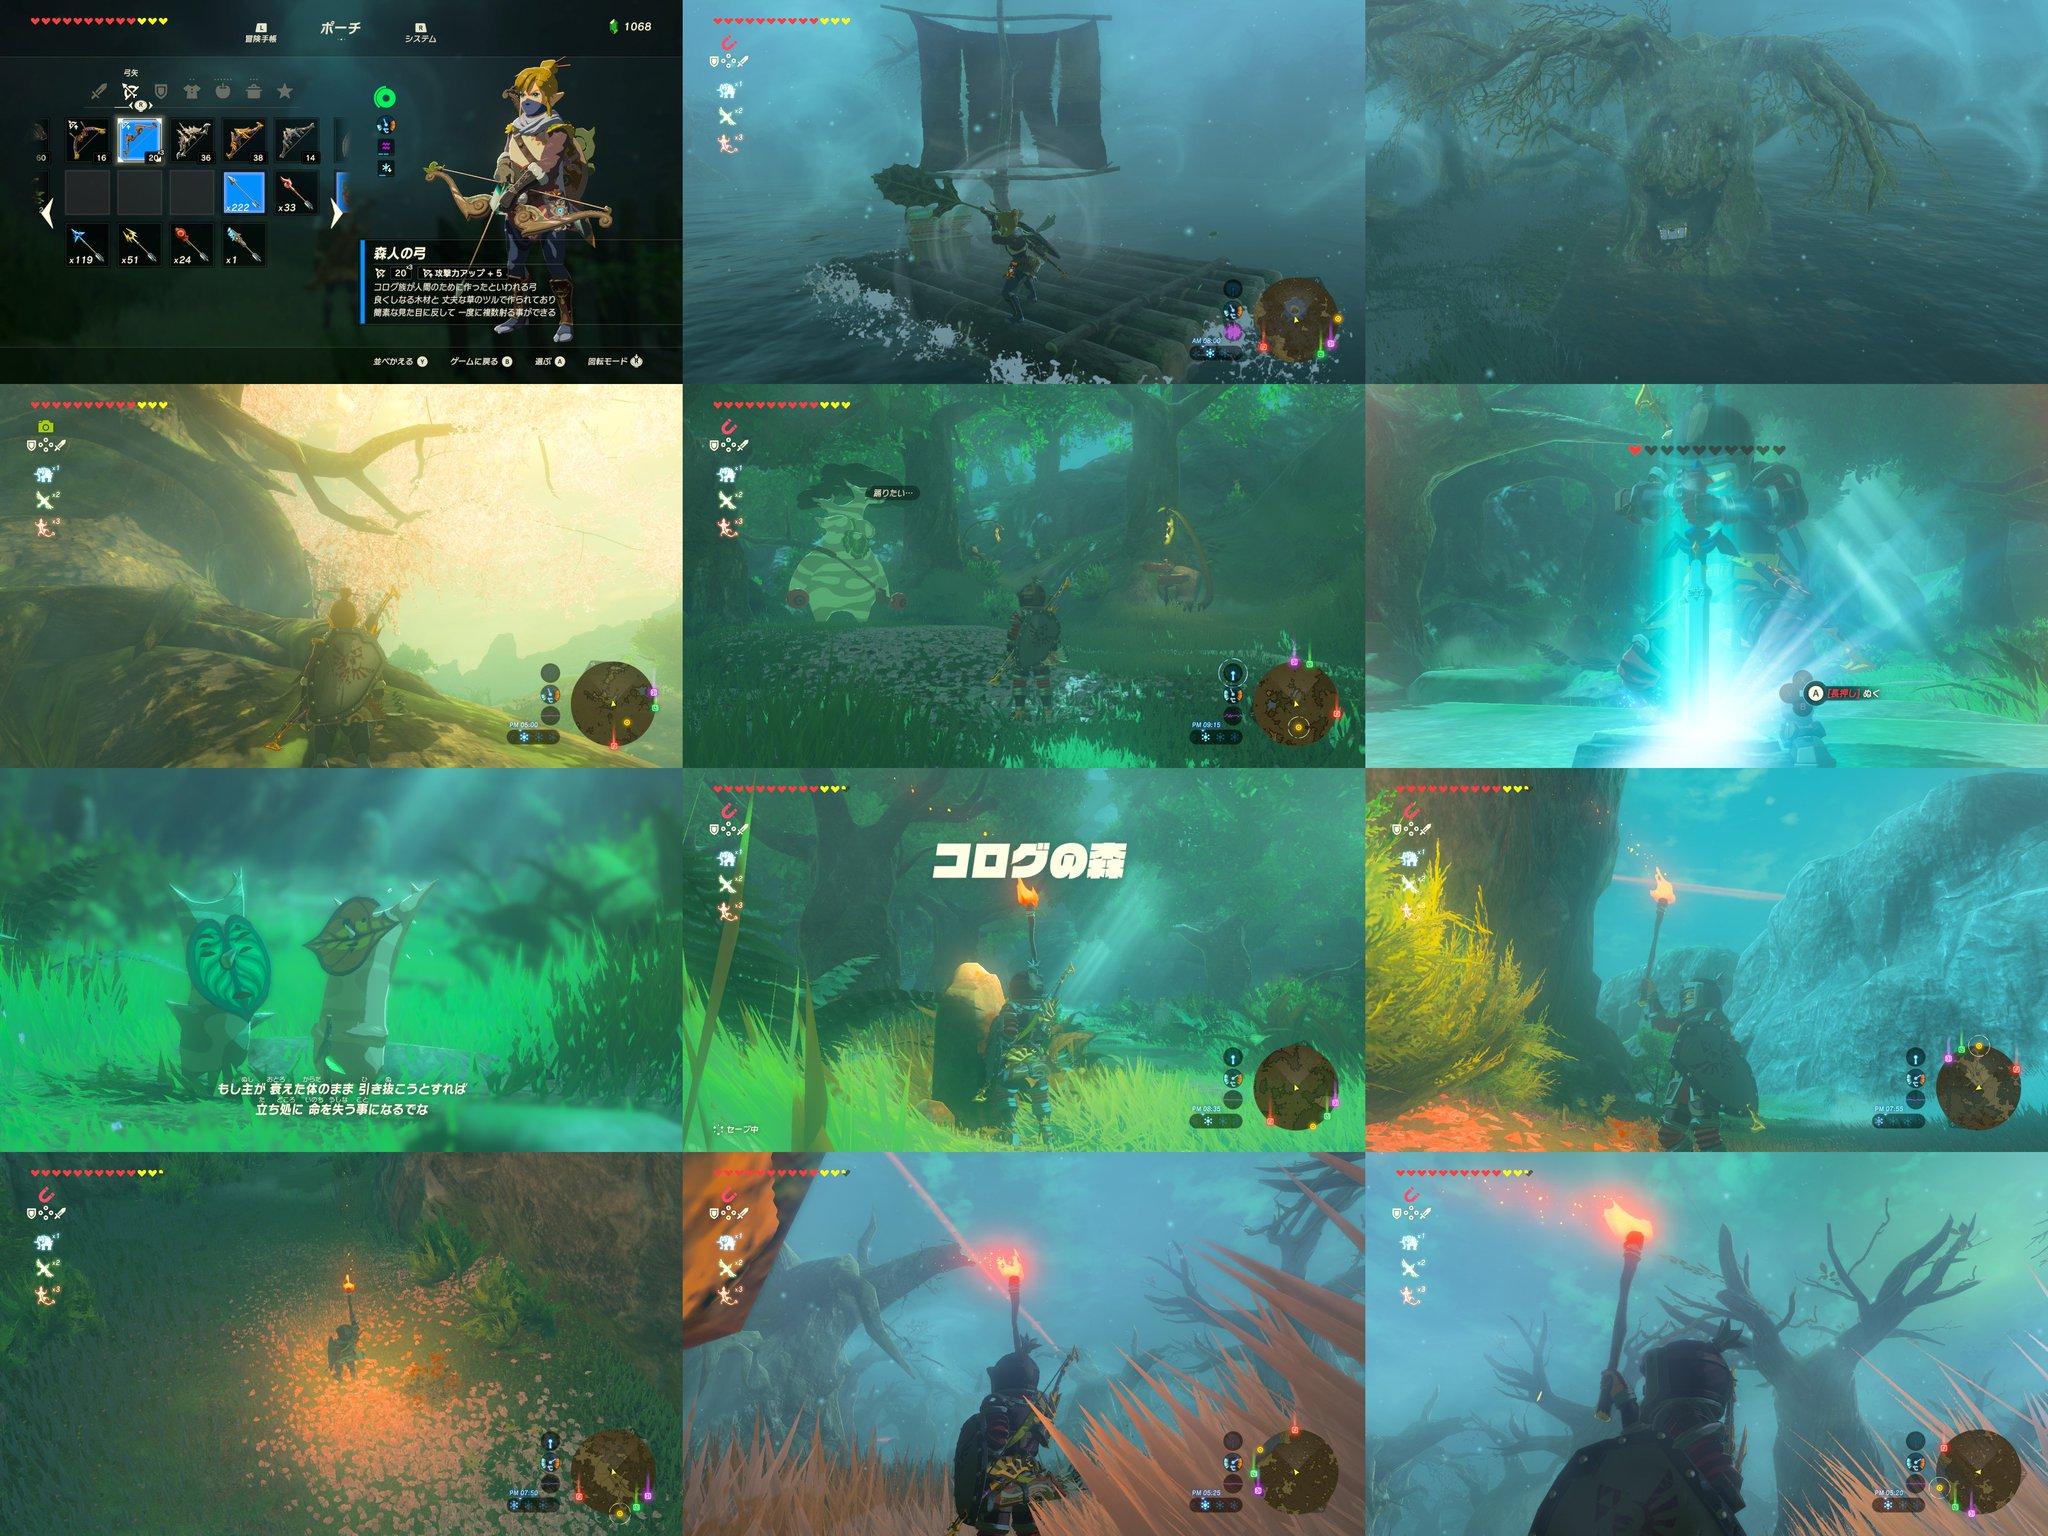 迷いの森、コログの森、踊りたいボックリンさん。 #ゼルダの伝説 #BreathoftheWild #NintendoSwitch https://t.co/0lbYbxHJr3